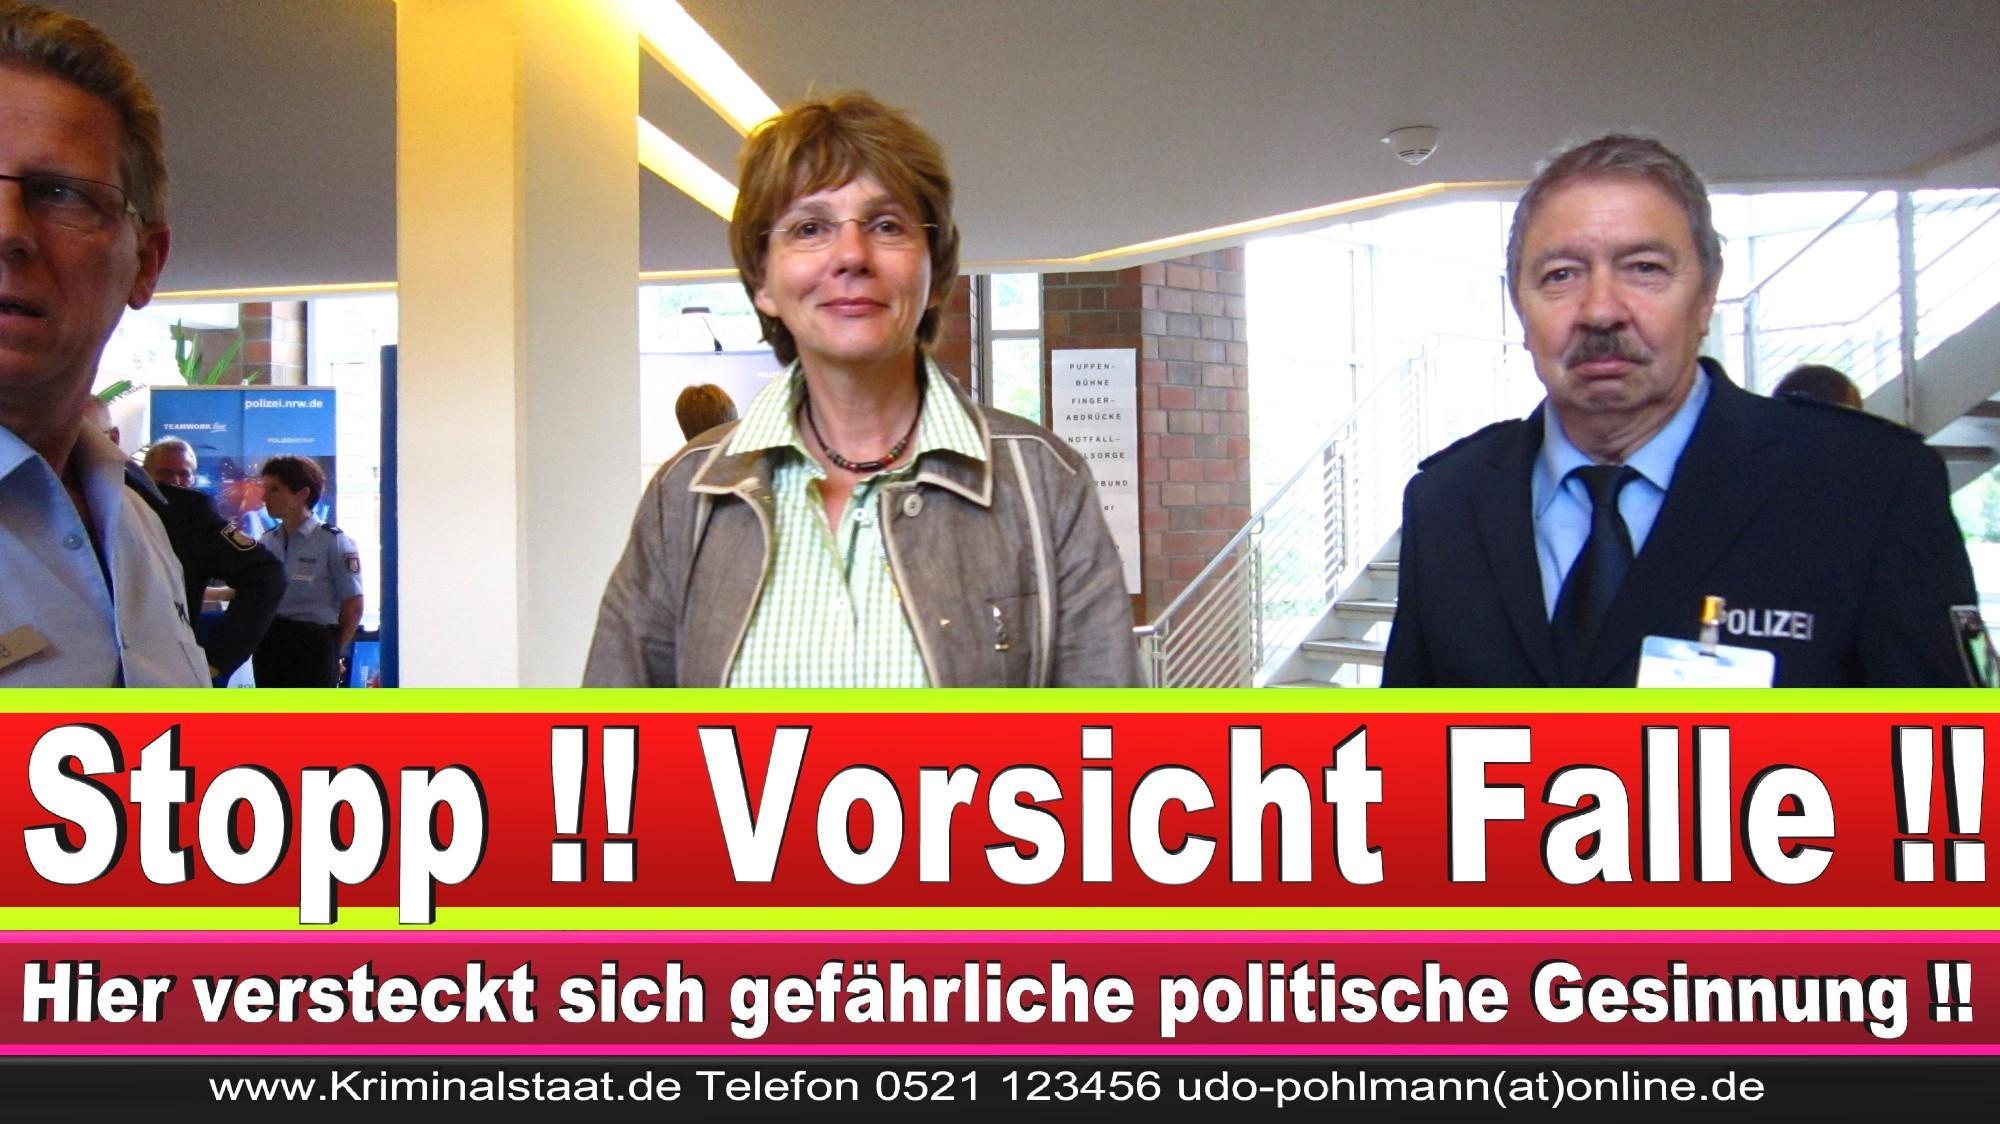 Polizeipräsidentin Katharina Giere Polizei Bielefeld NRW Erwin Südfeld Horst Kruse Polizeiuniform Polizeigewalt DEMONSTRATION Bahnhof (18) 1